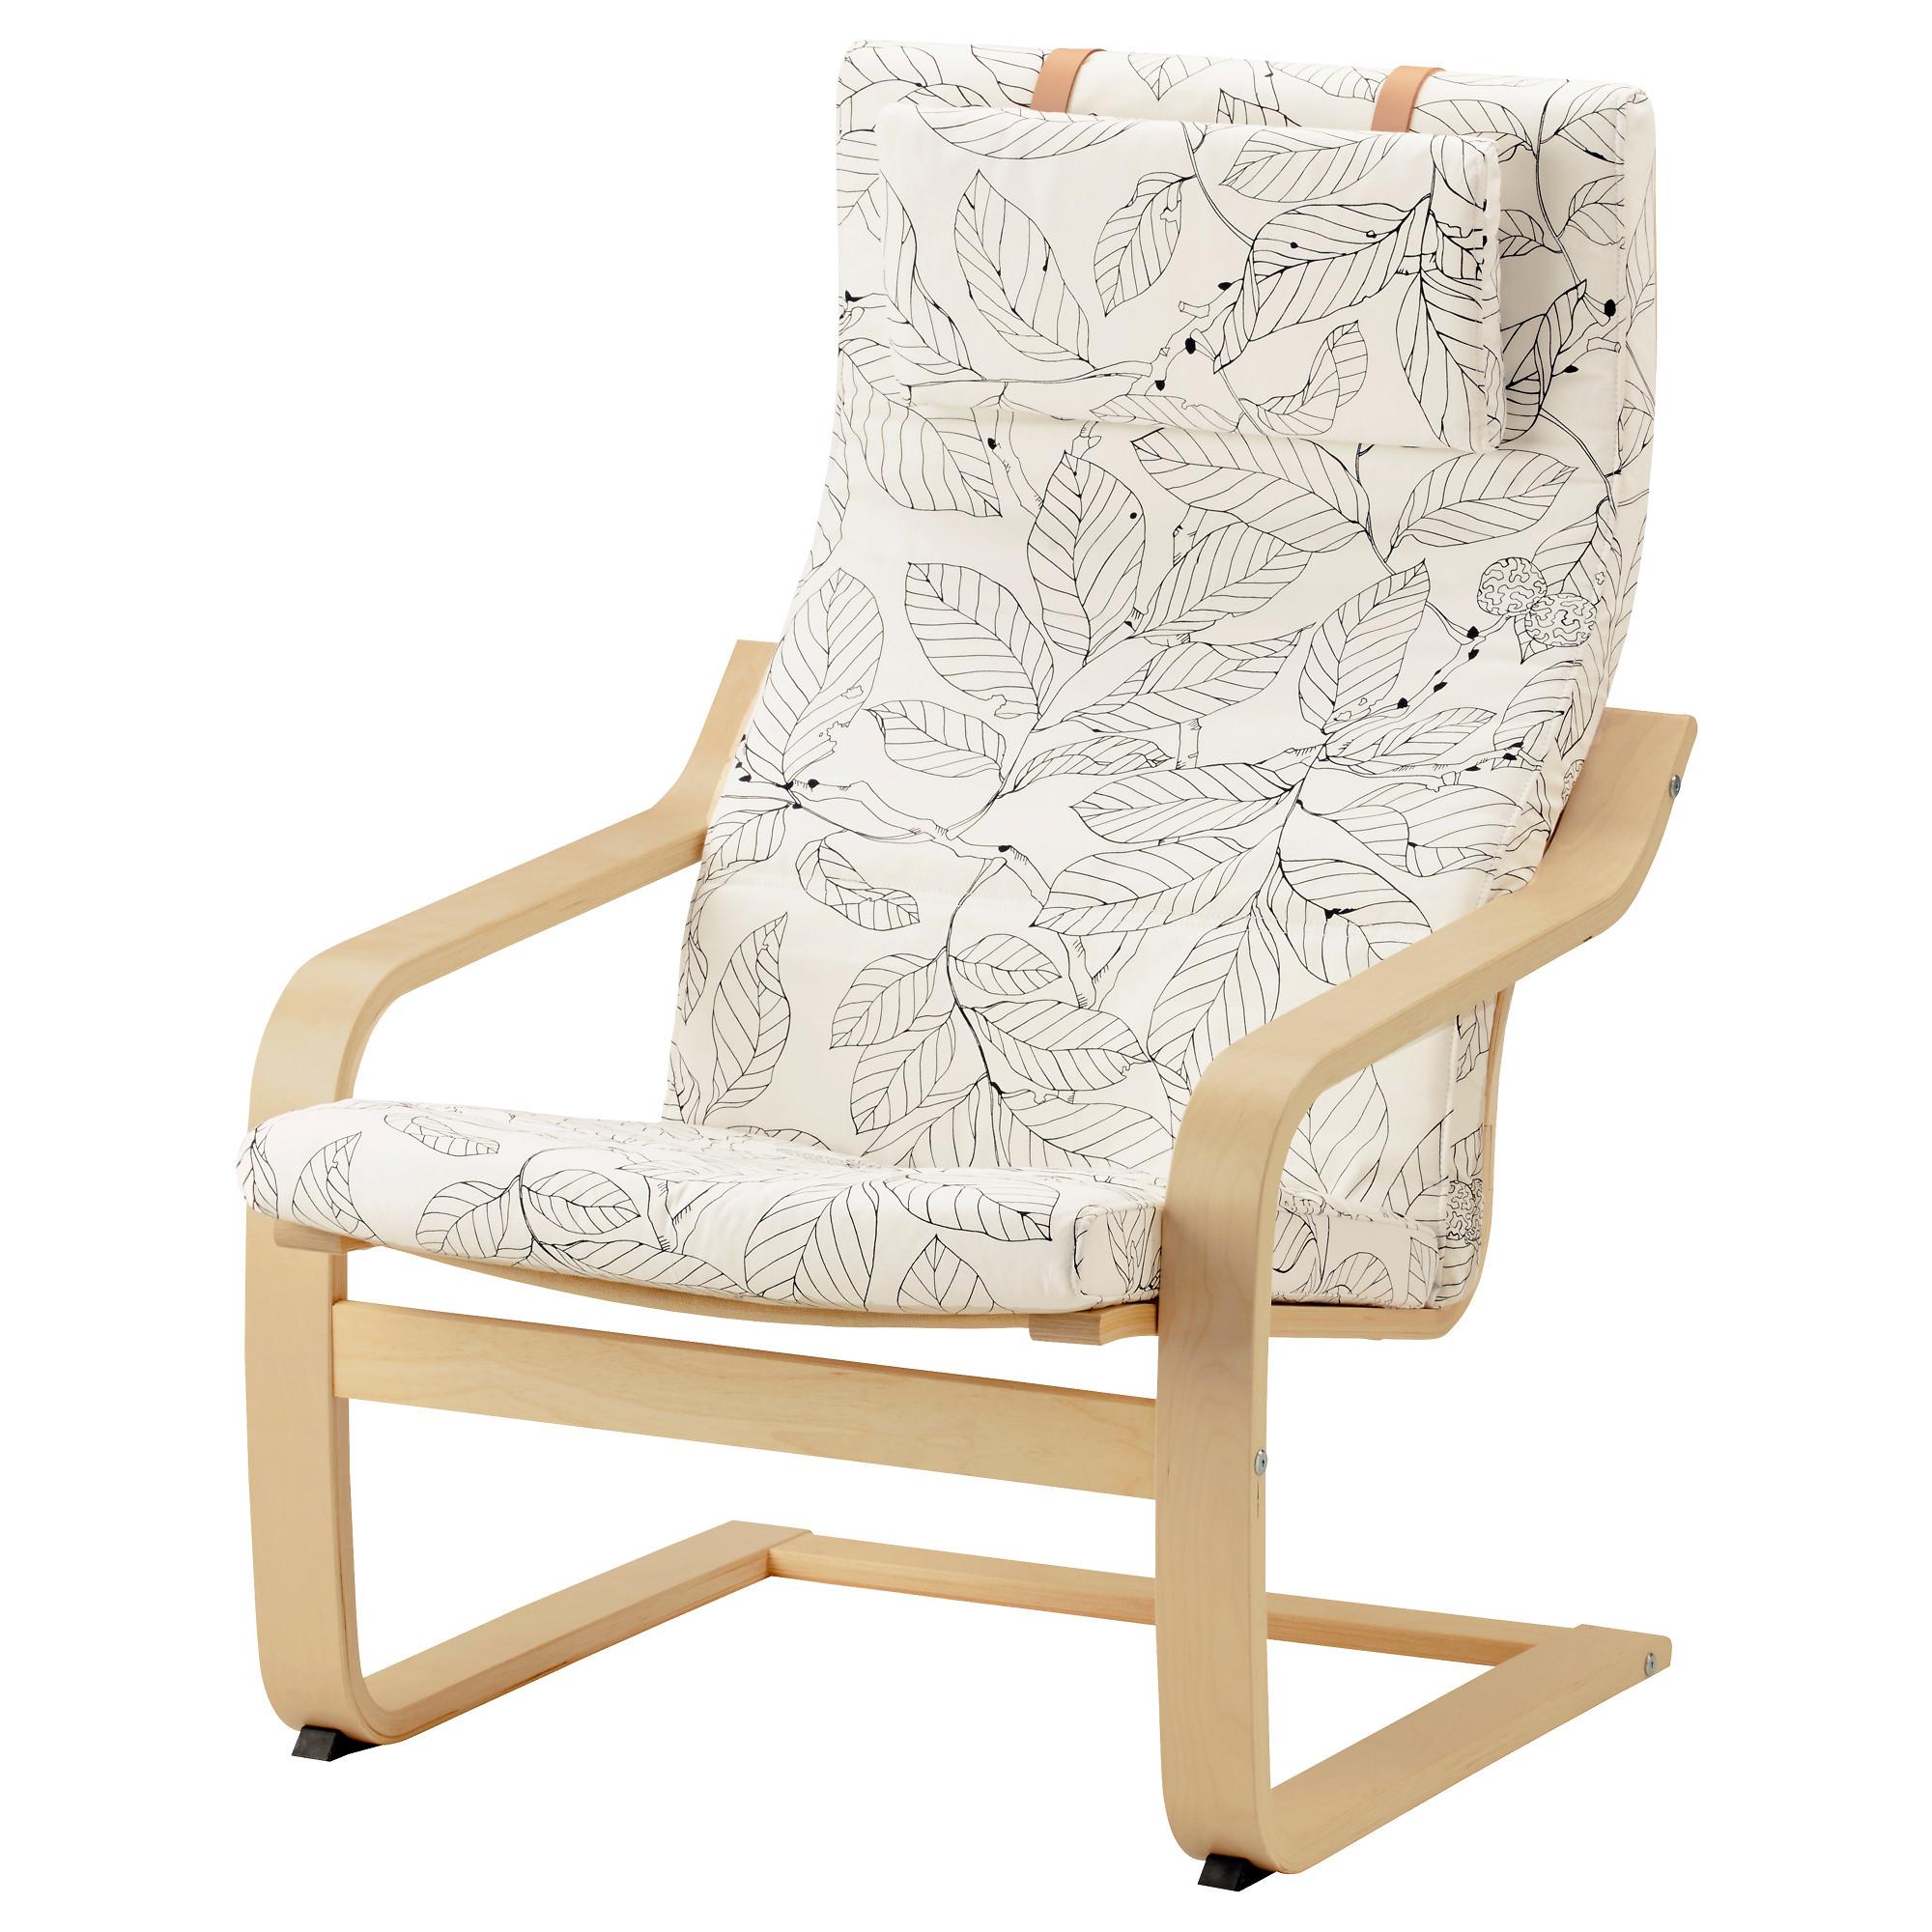 Кресло ПОЭНГ черный/белый артикуль № 392.515.73 в наличии. Интернет каталог IKEA Минск. Недорогая доставка и установка.